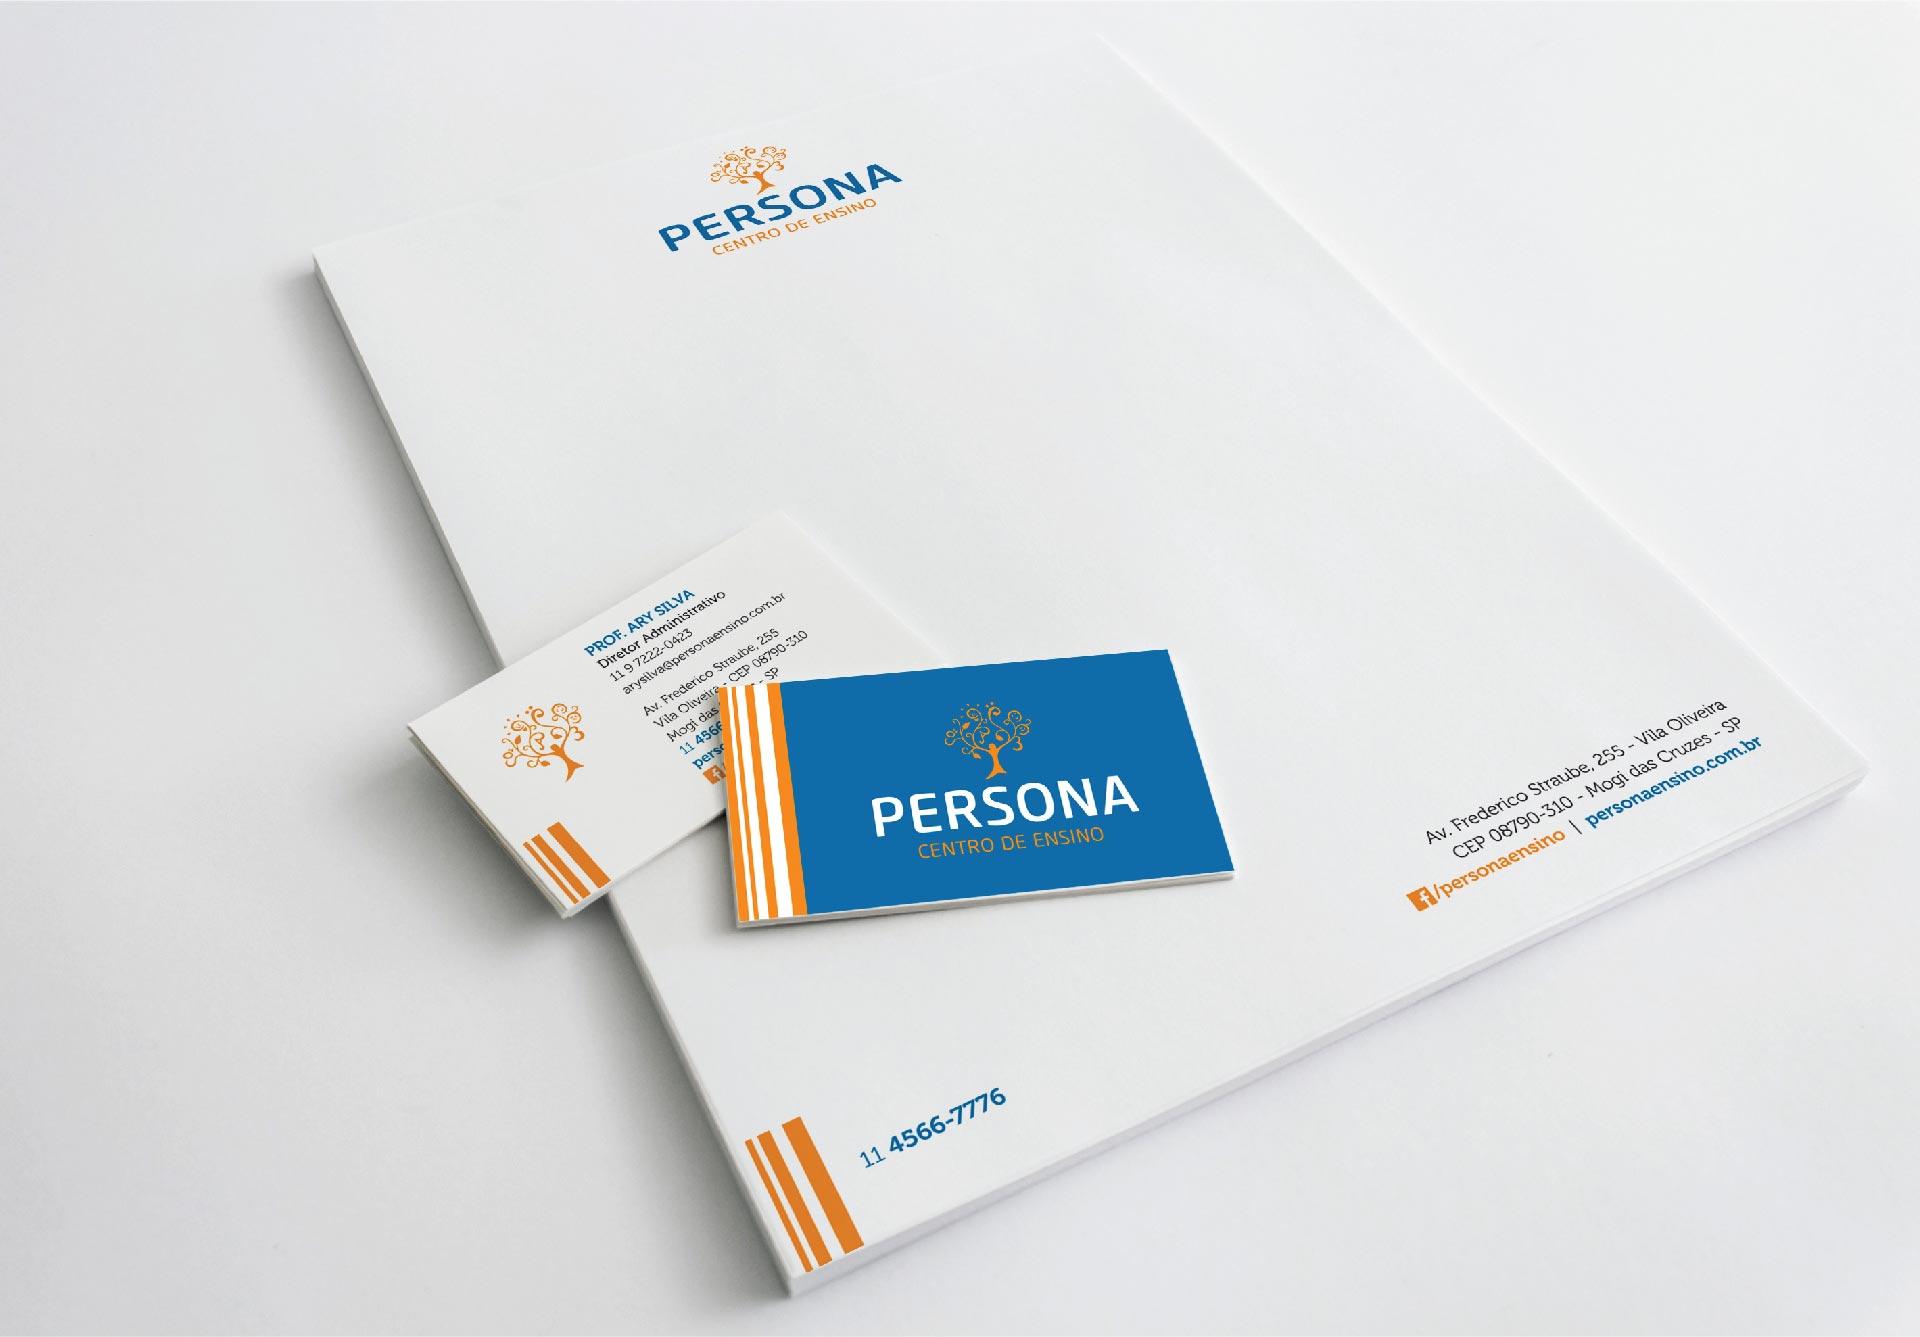 persona-08